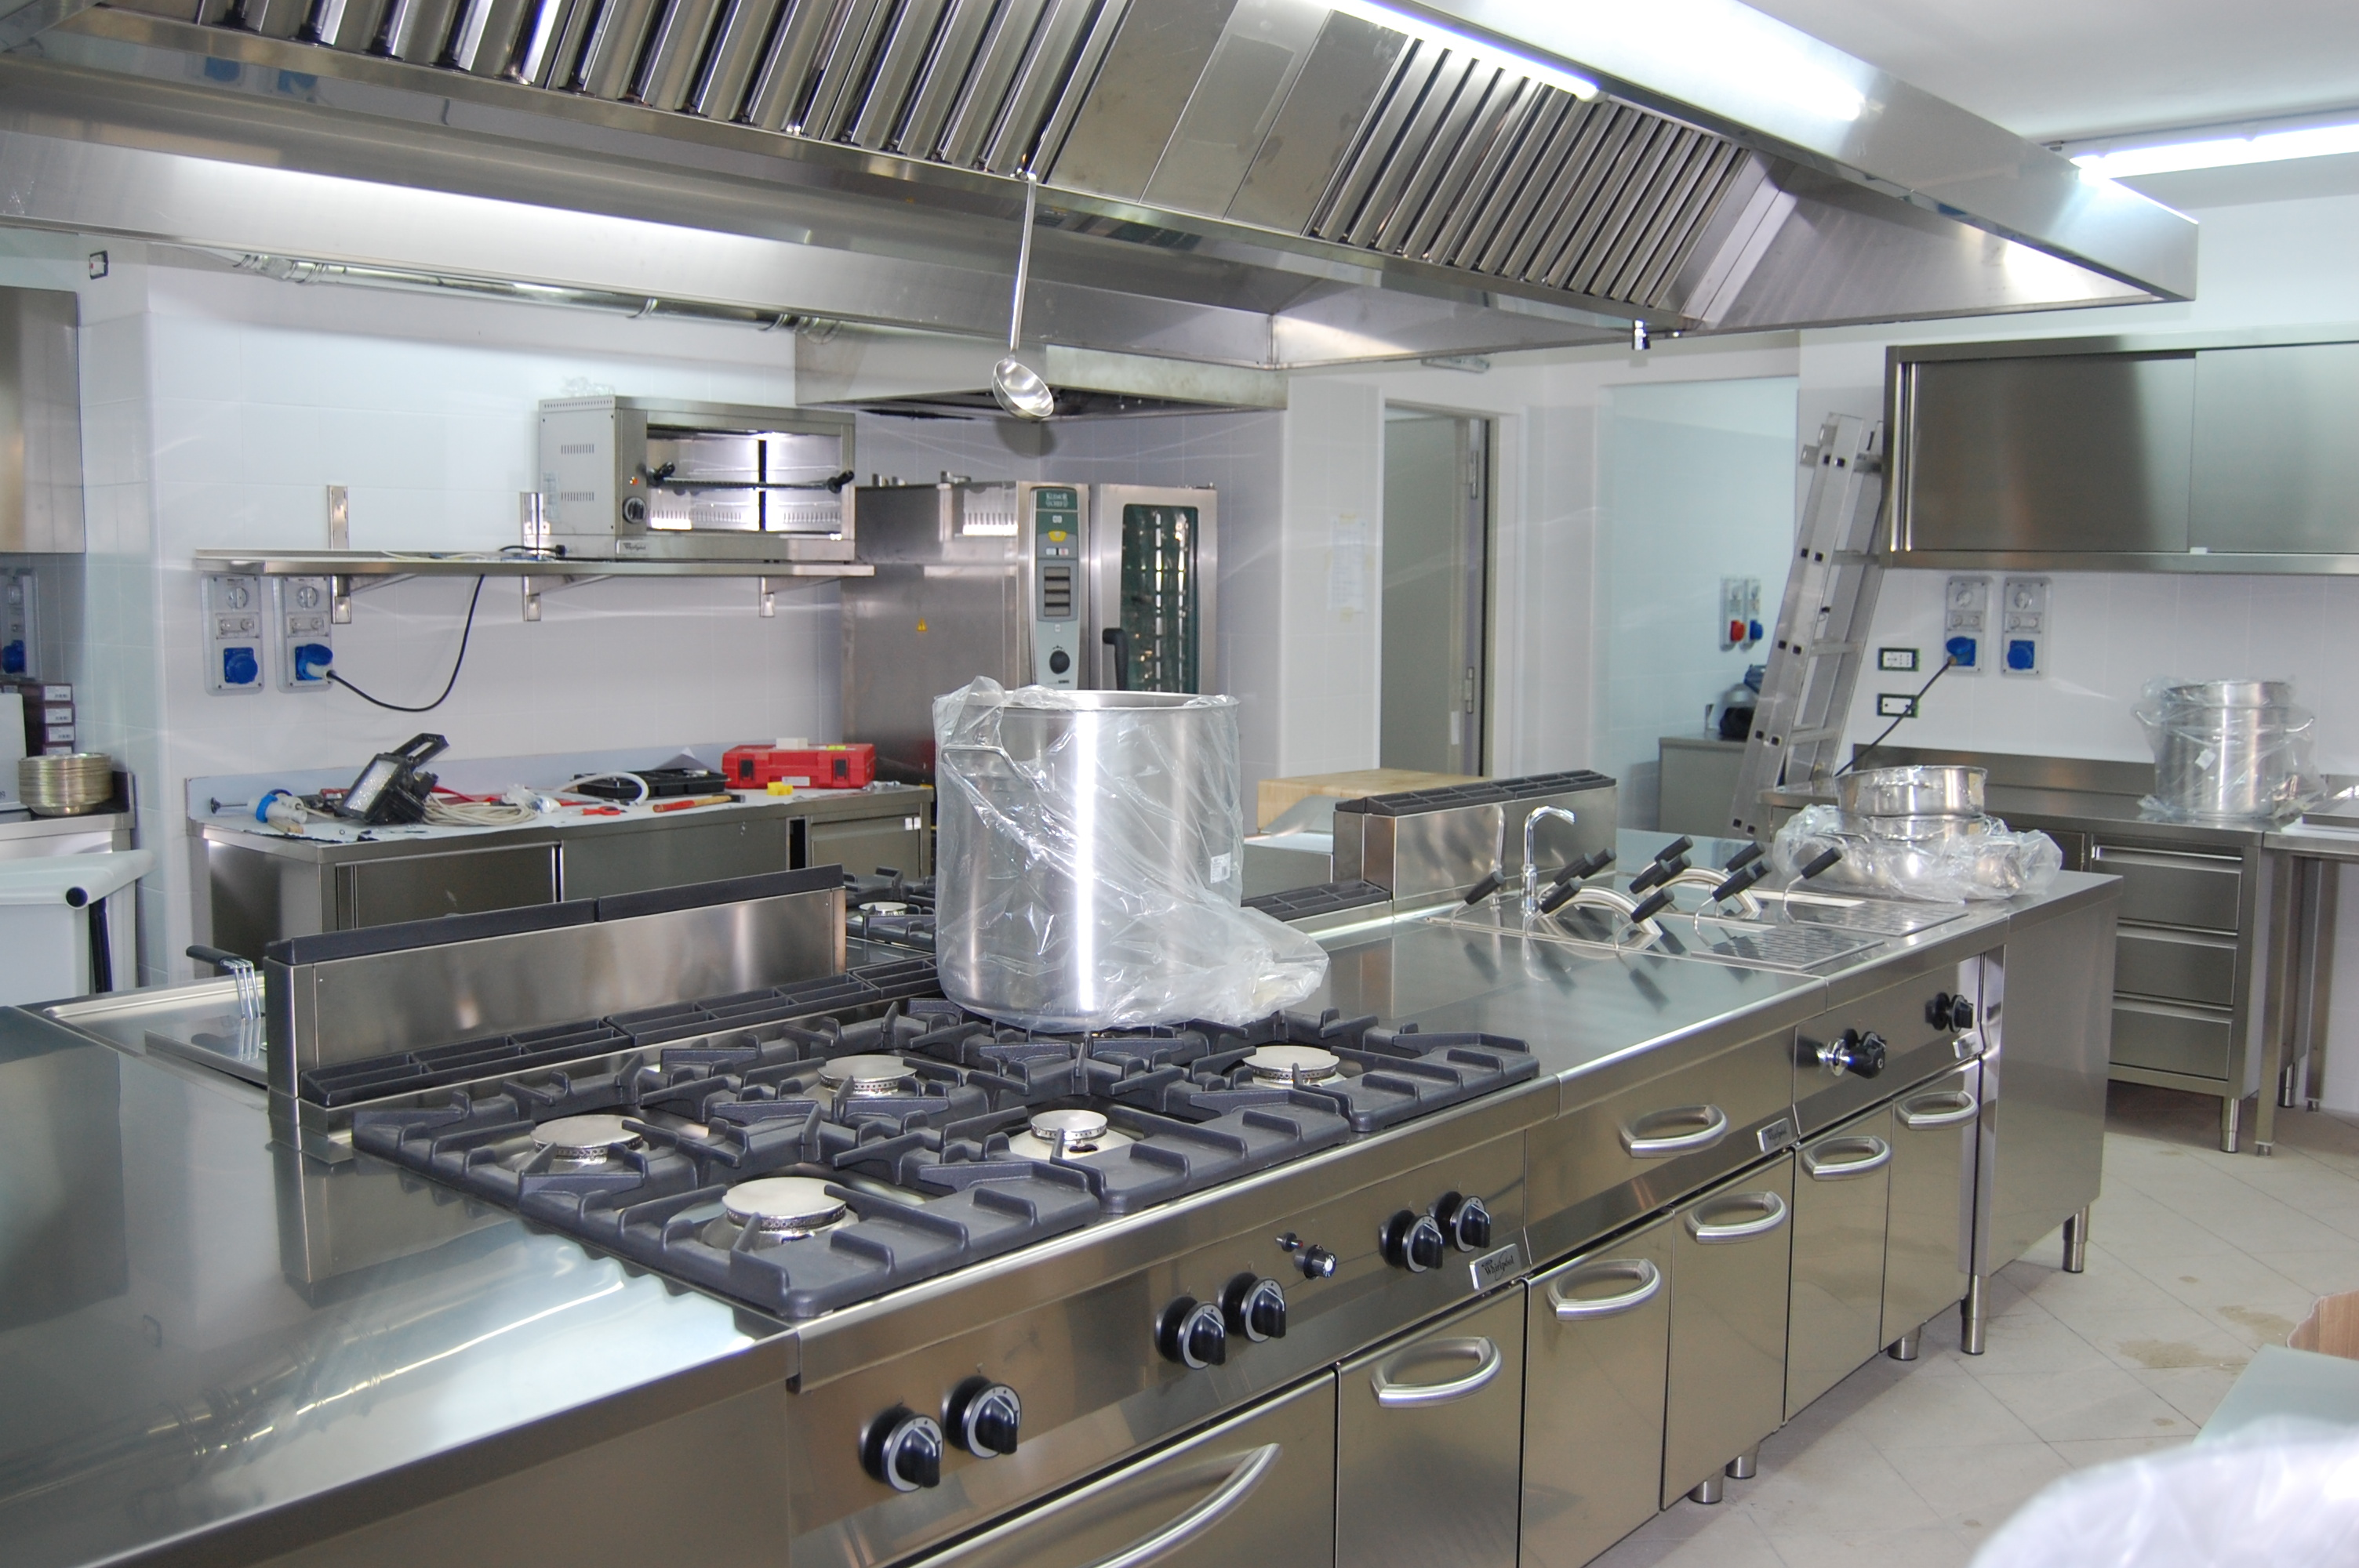 vendita e assistenza cucine professionali perugia | s.a.t. com.m ... - Accessori Cucina Professionali